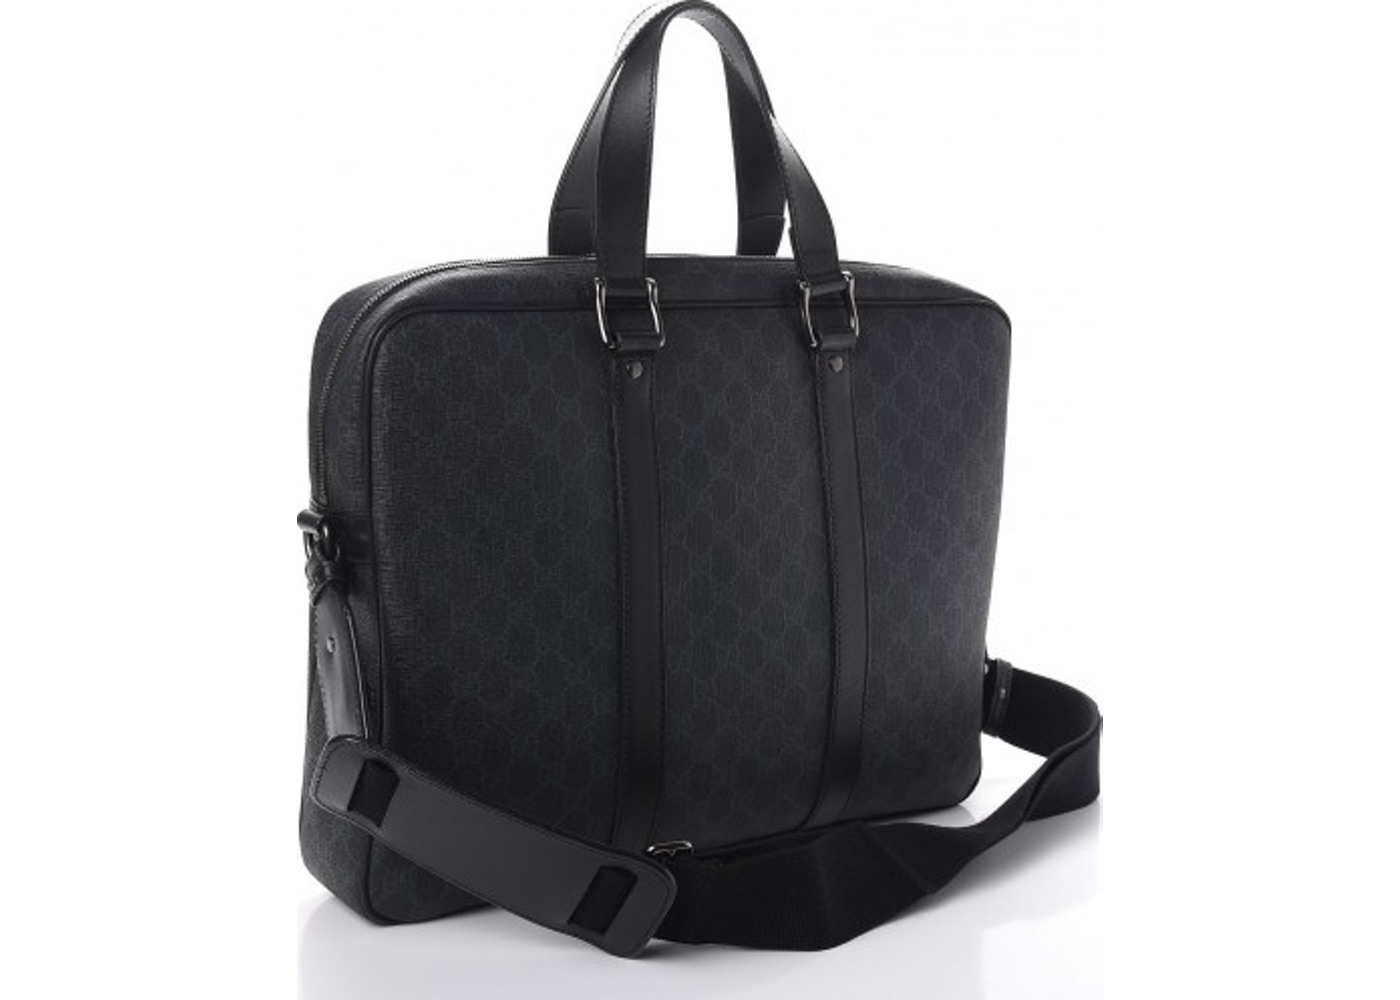 8e3c06fdfc20 Gucci Briefcase Monogram GG Supreme Black